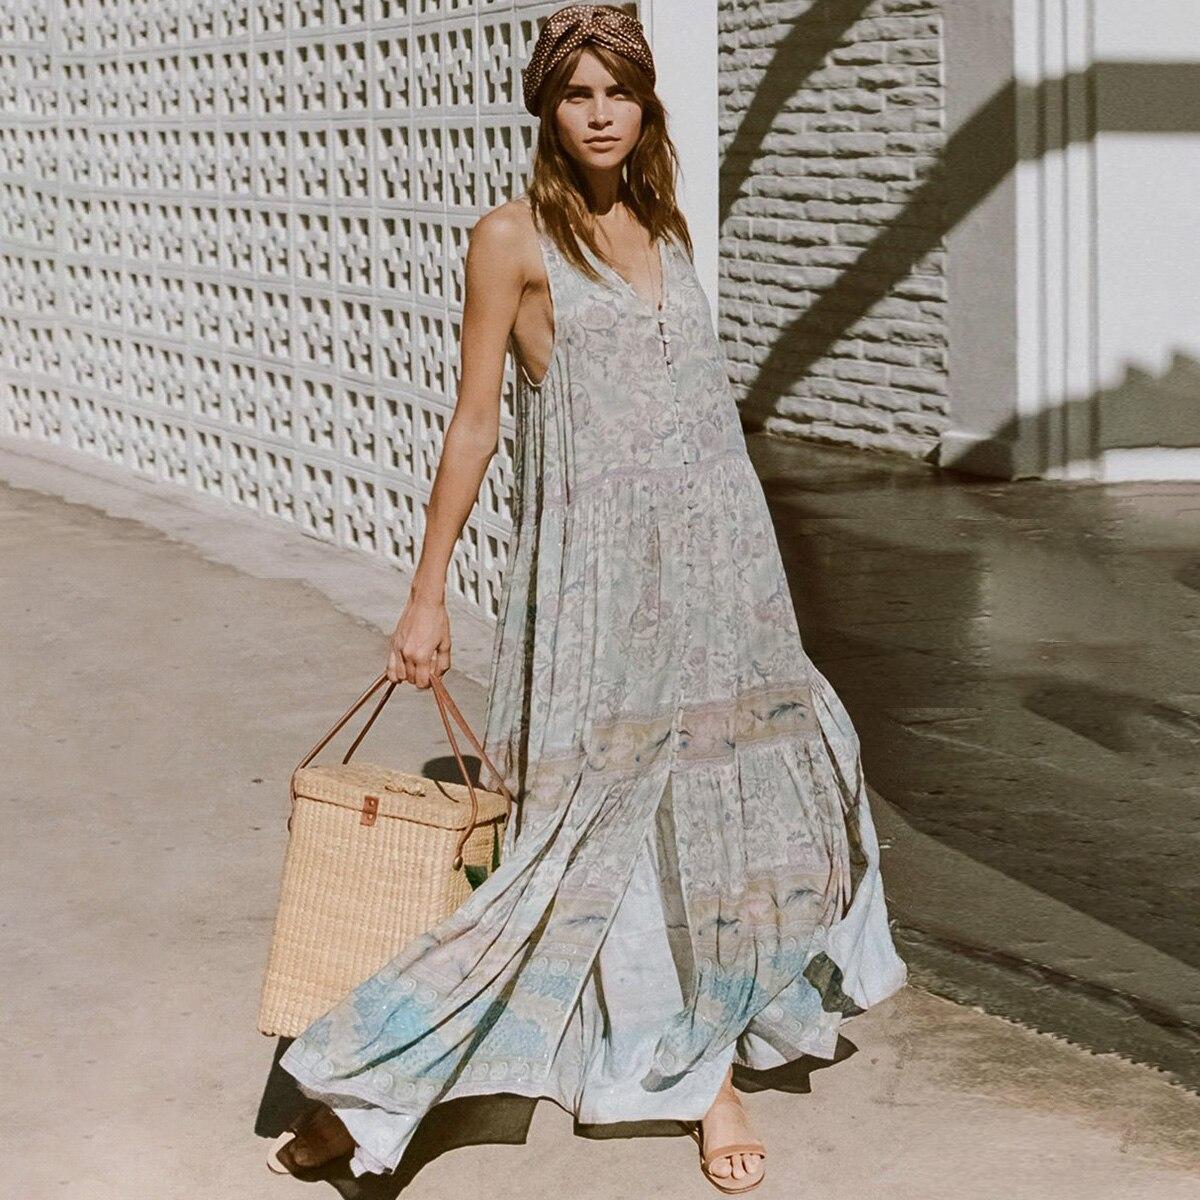 d9a63b644fba2 US $25.92 Oasis Print Chic Maxi Dress Women Summer Sleeveless High ...